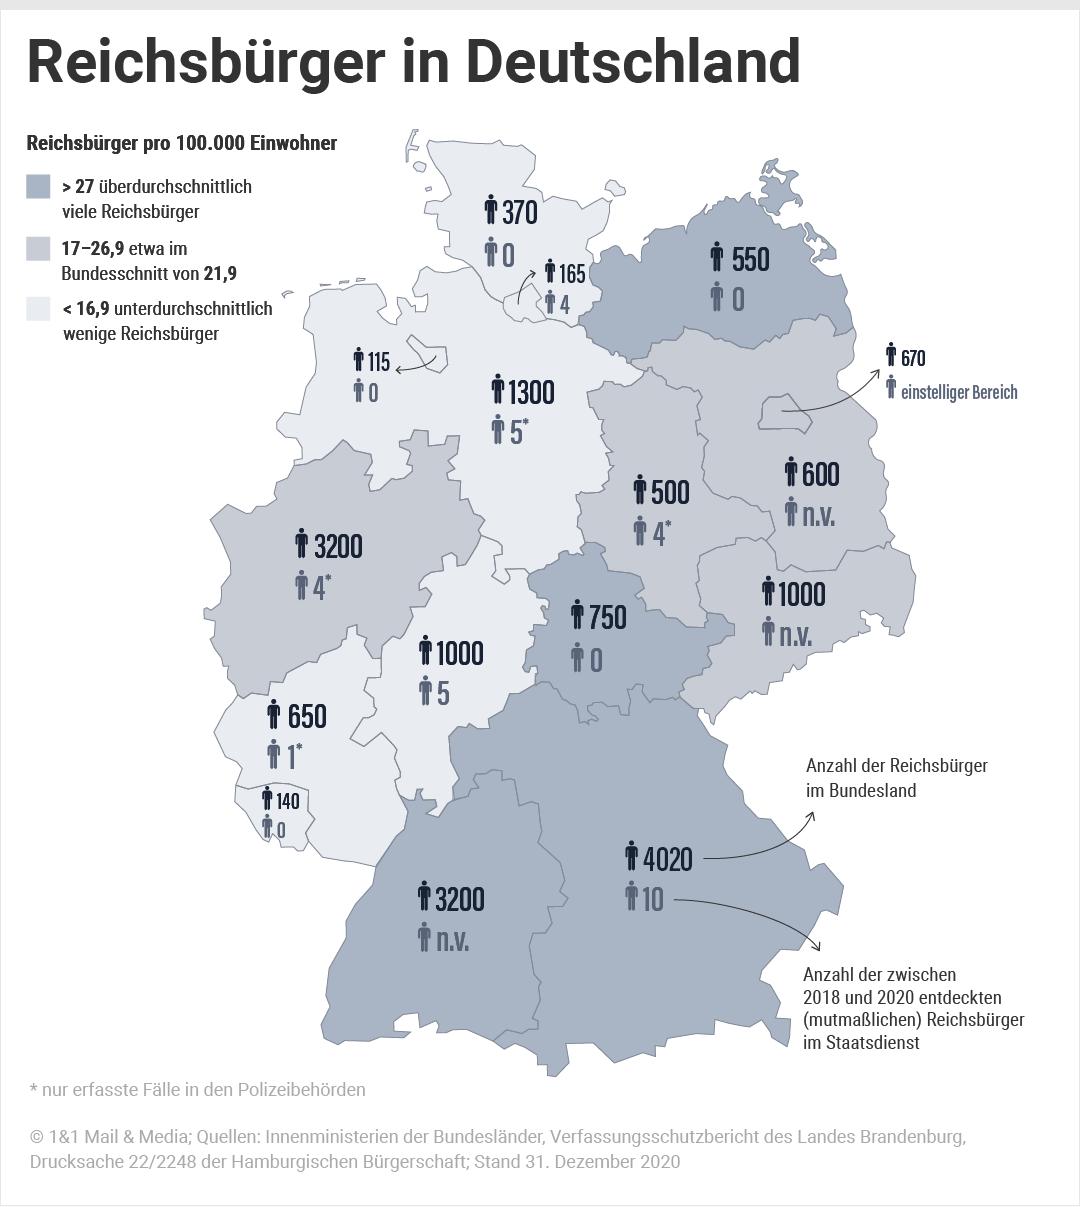 Bild zu Deutschlandkarte mit Anzahl der Reichsbürger + Reichsbürger in Polizeibehörden